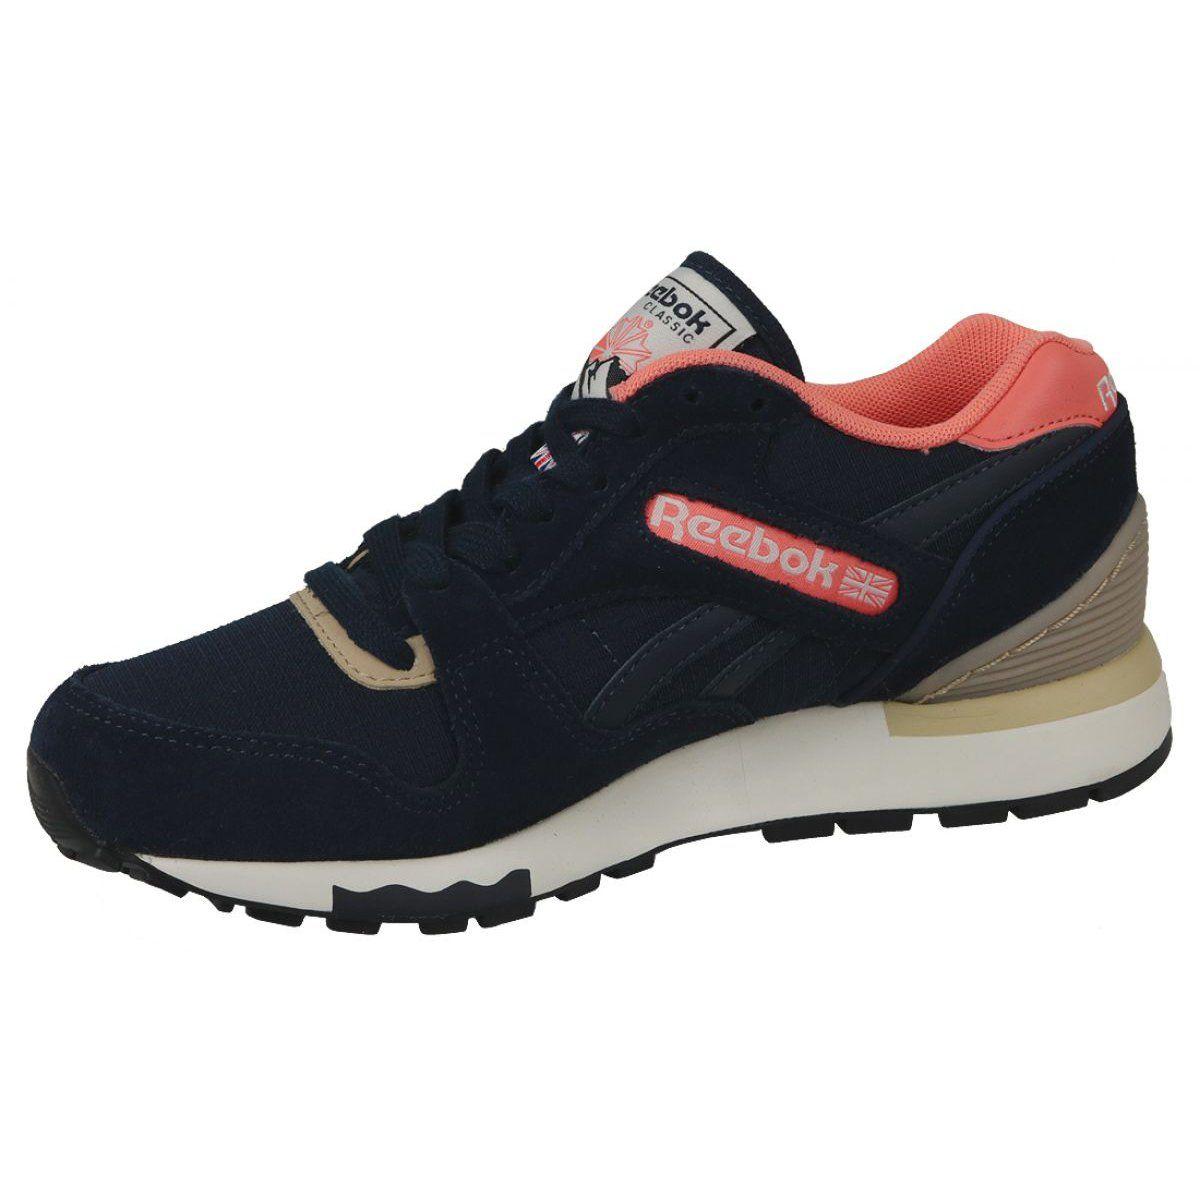 Buty Reebok Gl 6000 Out Color W Bd1580 Granatowe Reebok Sport Shoes Women Reebok Shoes